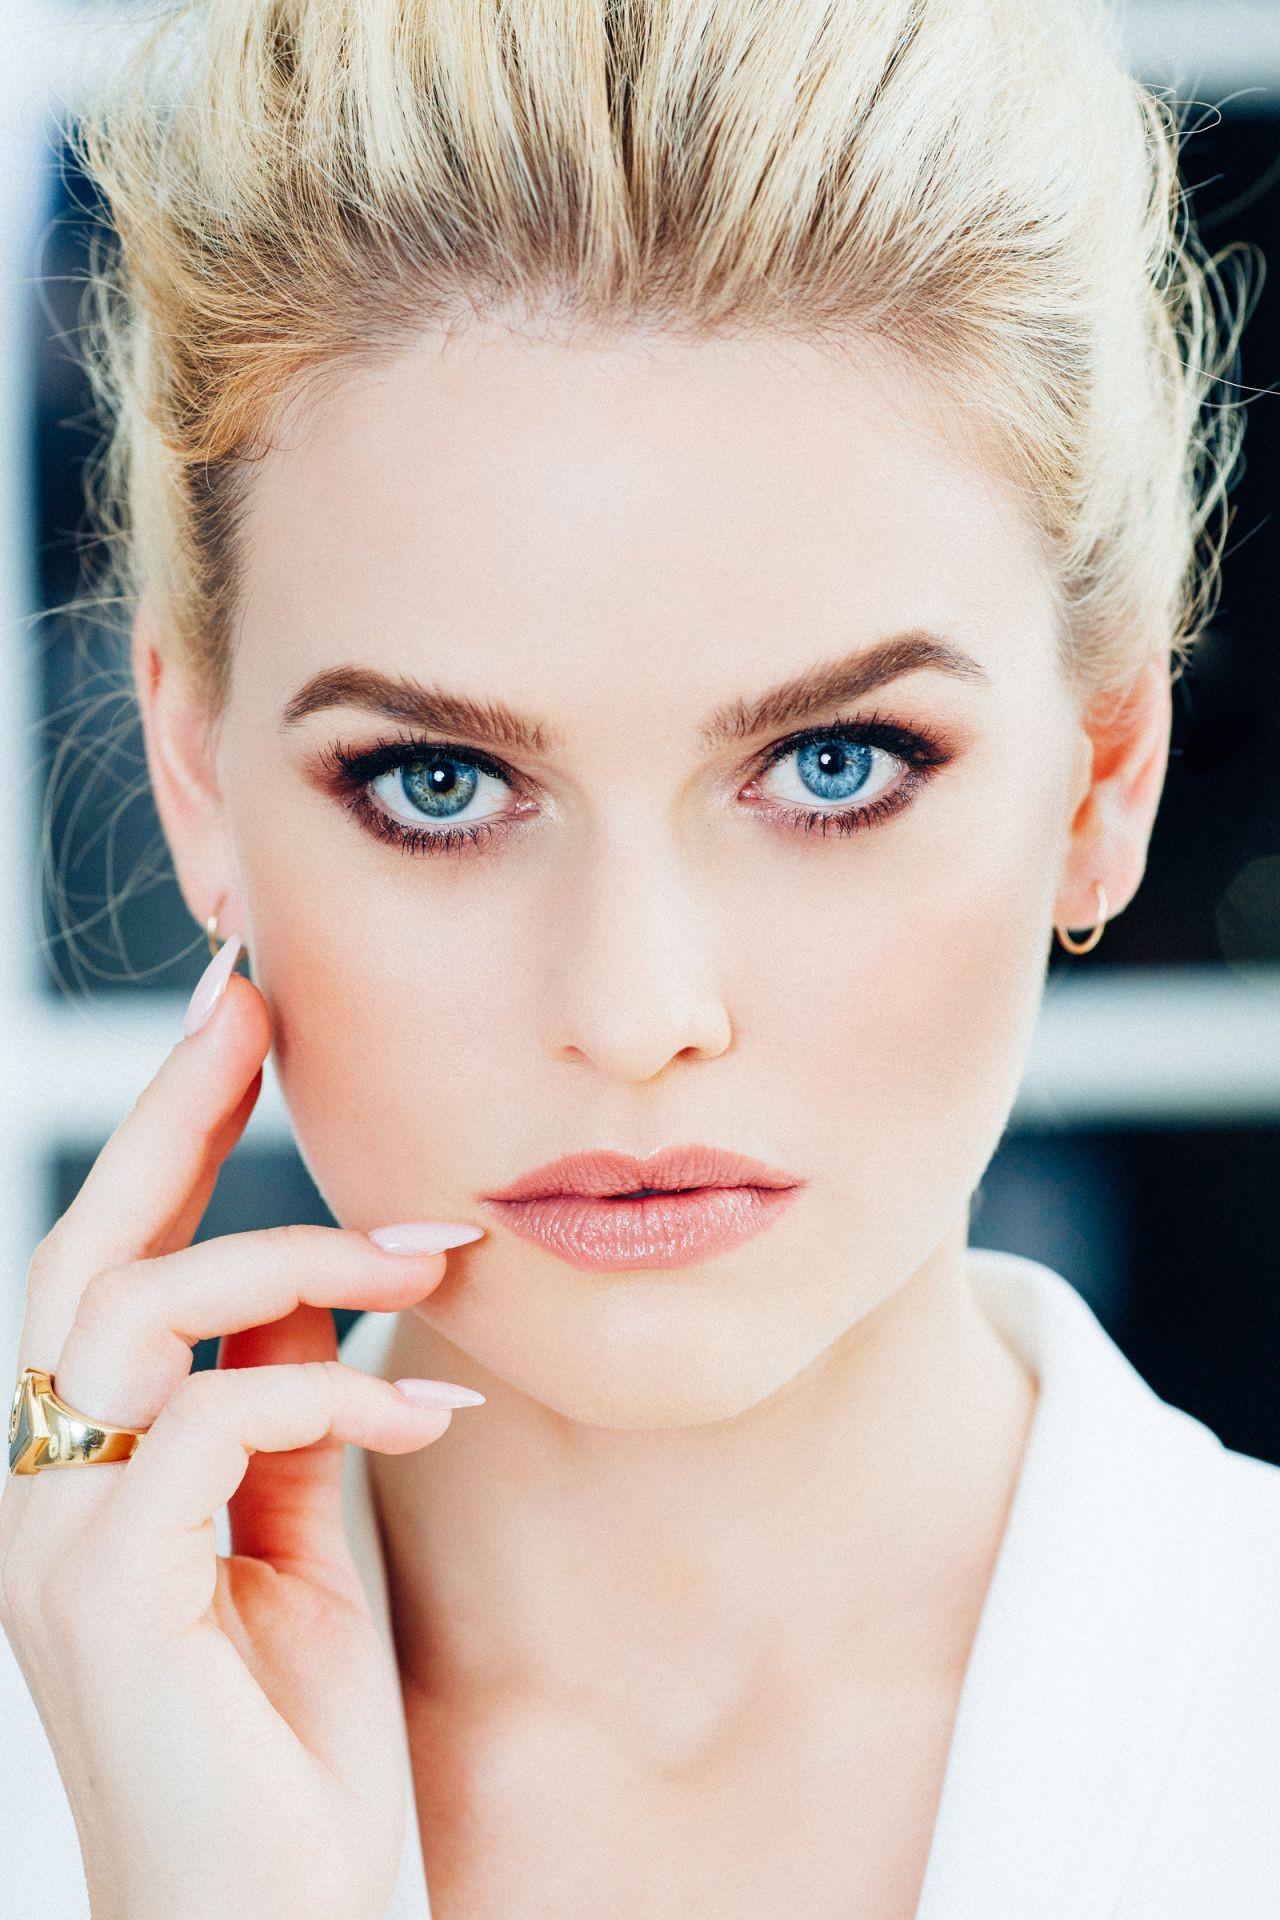 Lippenstift braune augen blonde haare